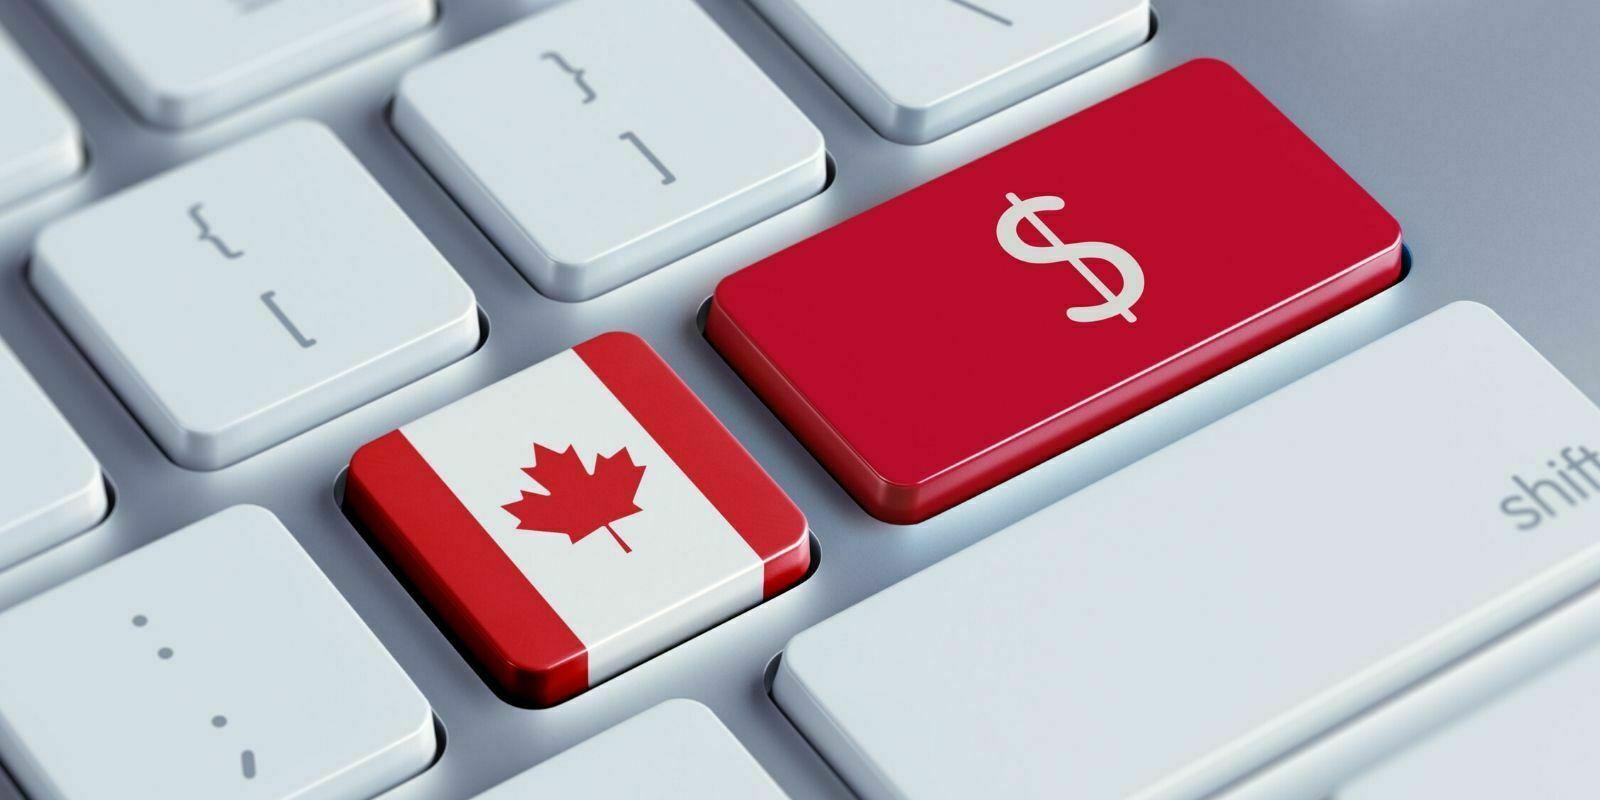 Le Canada lance le CUSD, un stablecoin indexé au dollar américain